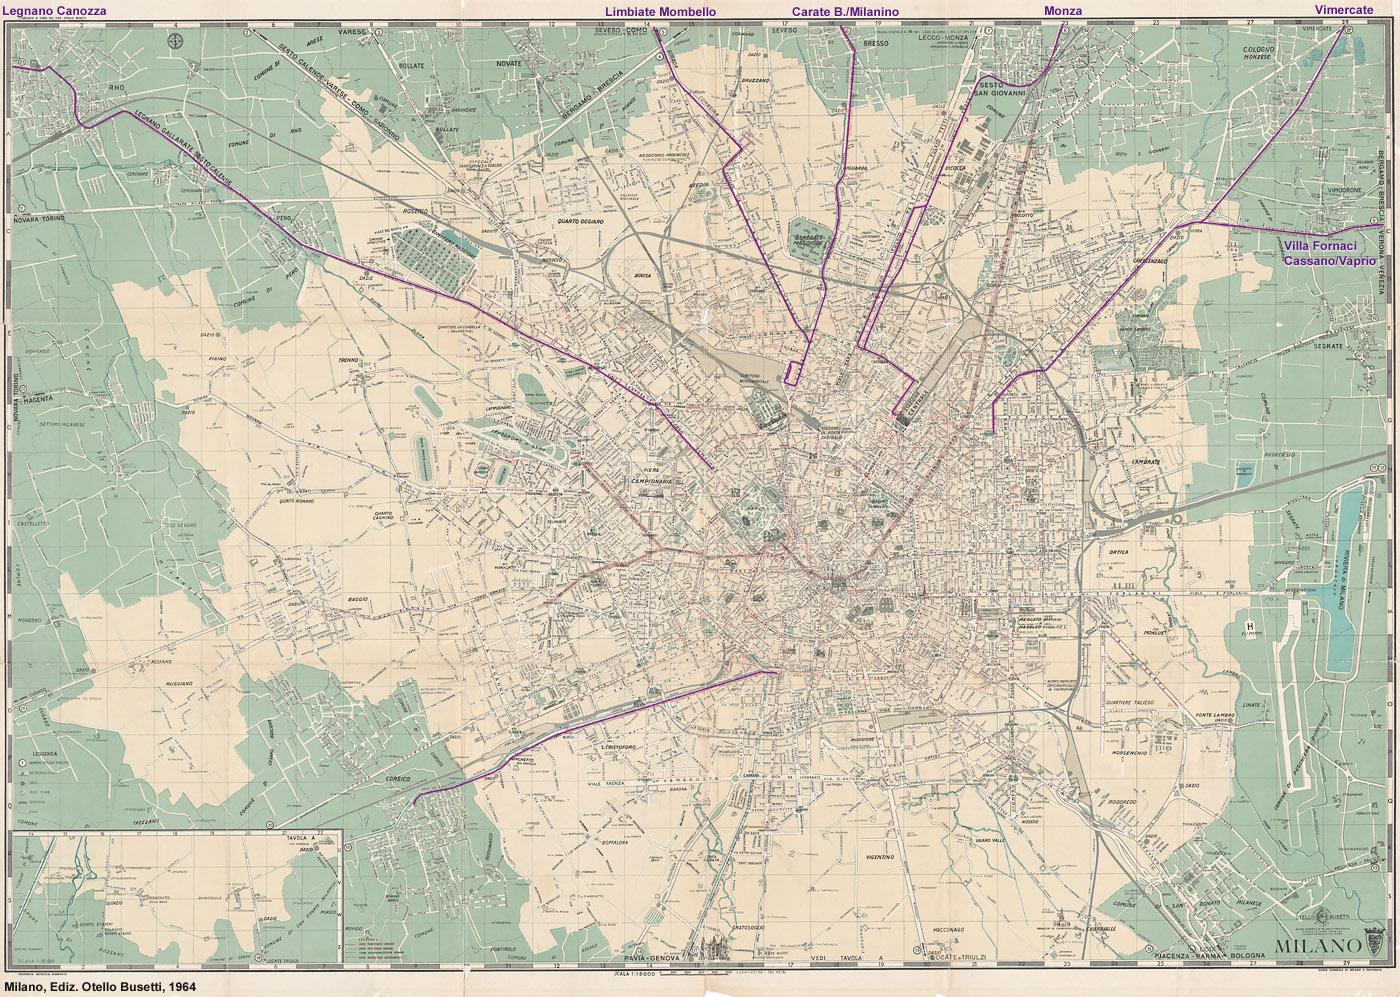 Milano 1964 l 39 anno della metropolitana stagniweb - Assi vimercate piastrelle ...